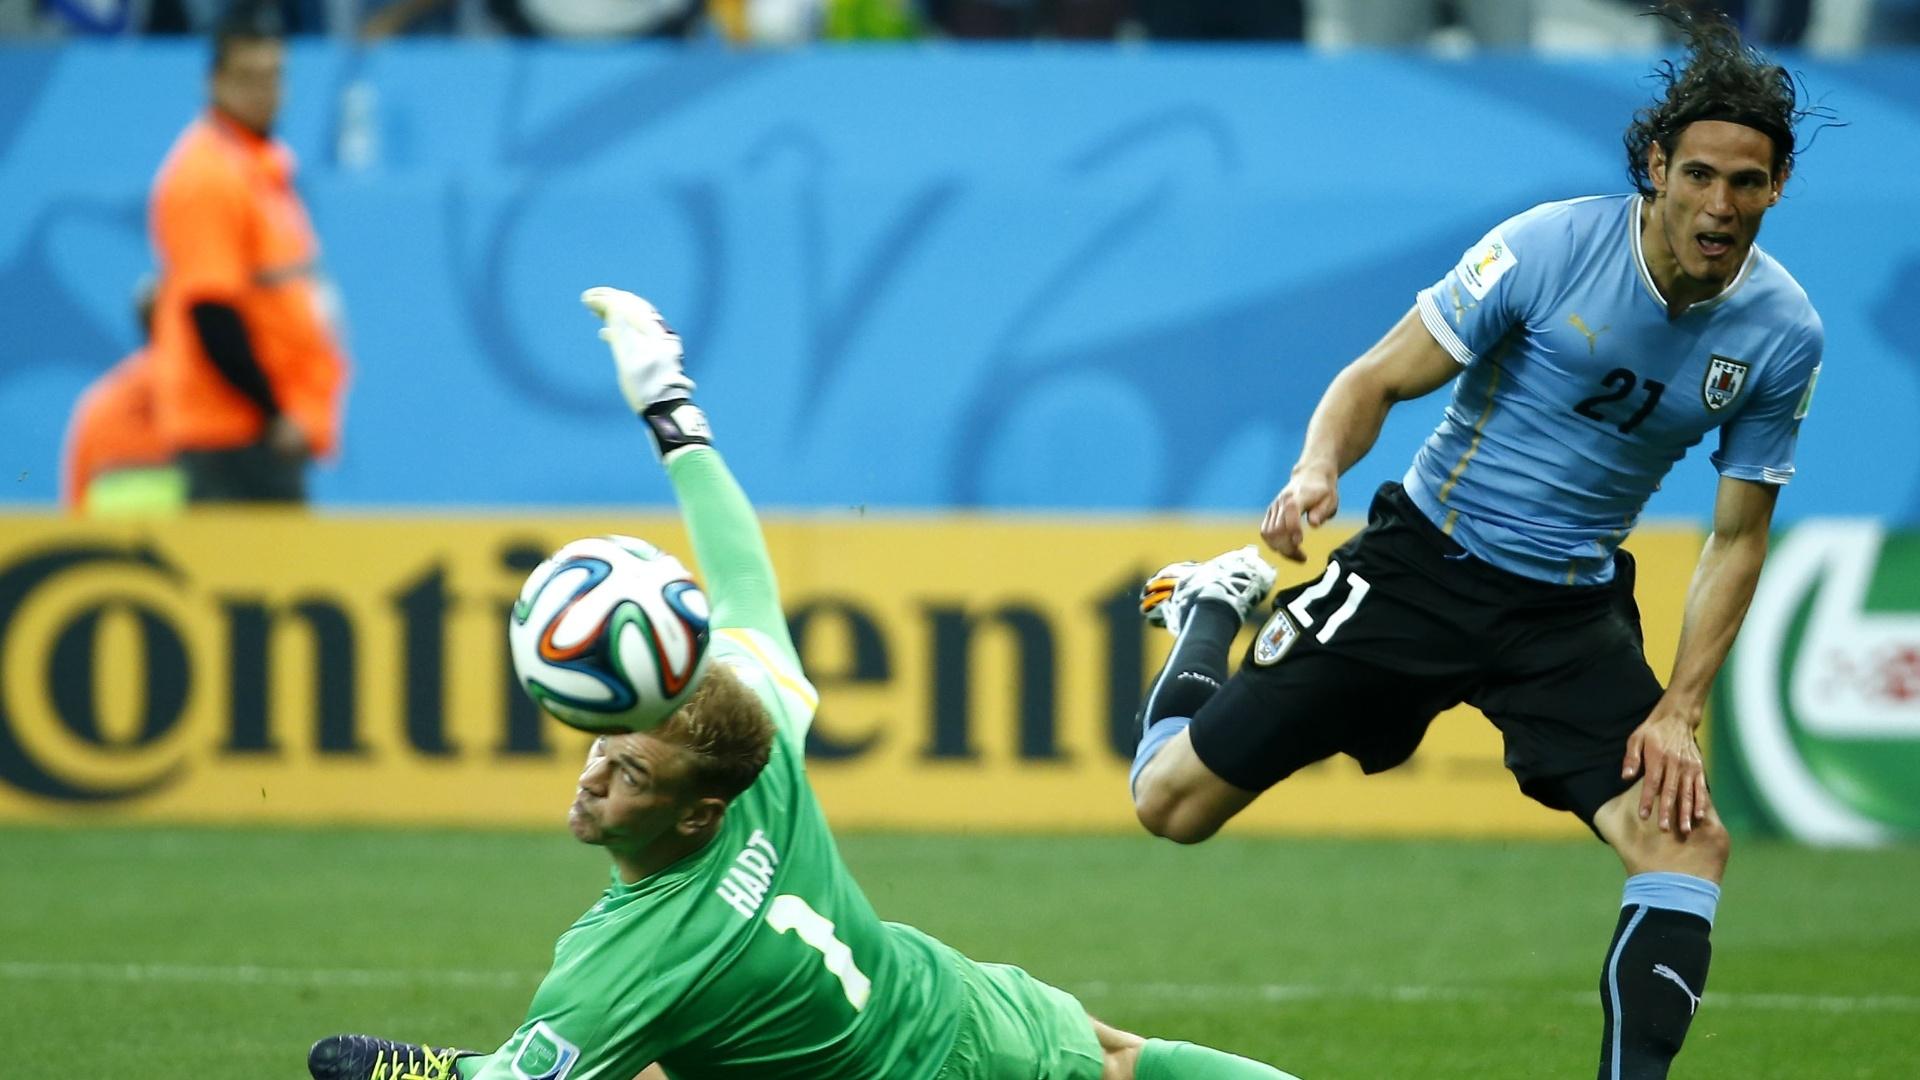 19.jun.2014 - Uruguaio Cavani tira do goleiro inglês Hart, mas a finalização vai para fora no Itaquerão